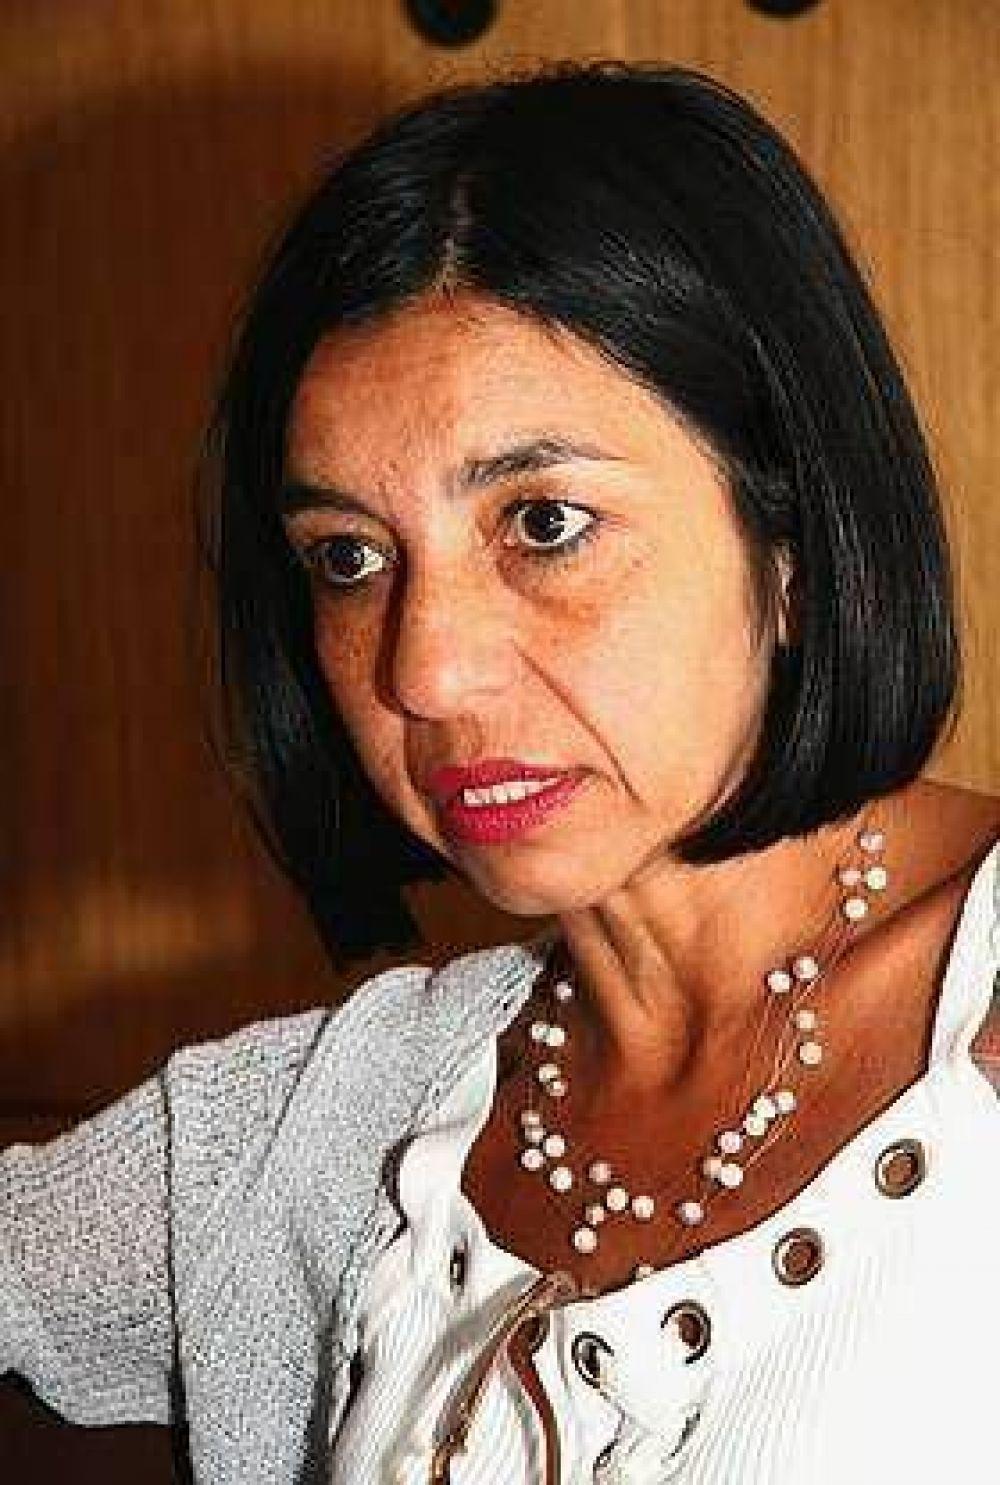 La subsecretaria de Ingresos Públicos de Santa Fe aseguró que la provincia no adherirá a la ley de blanqueo de capitales